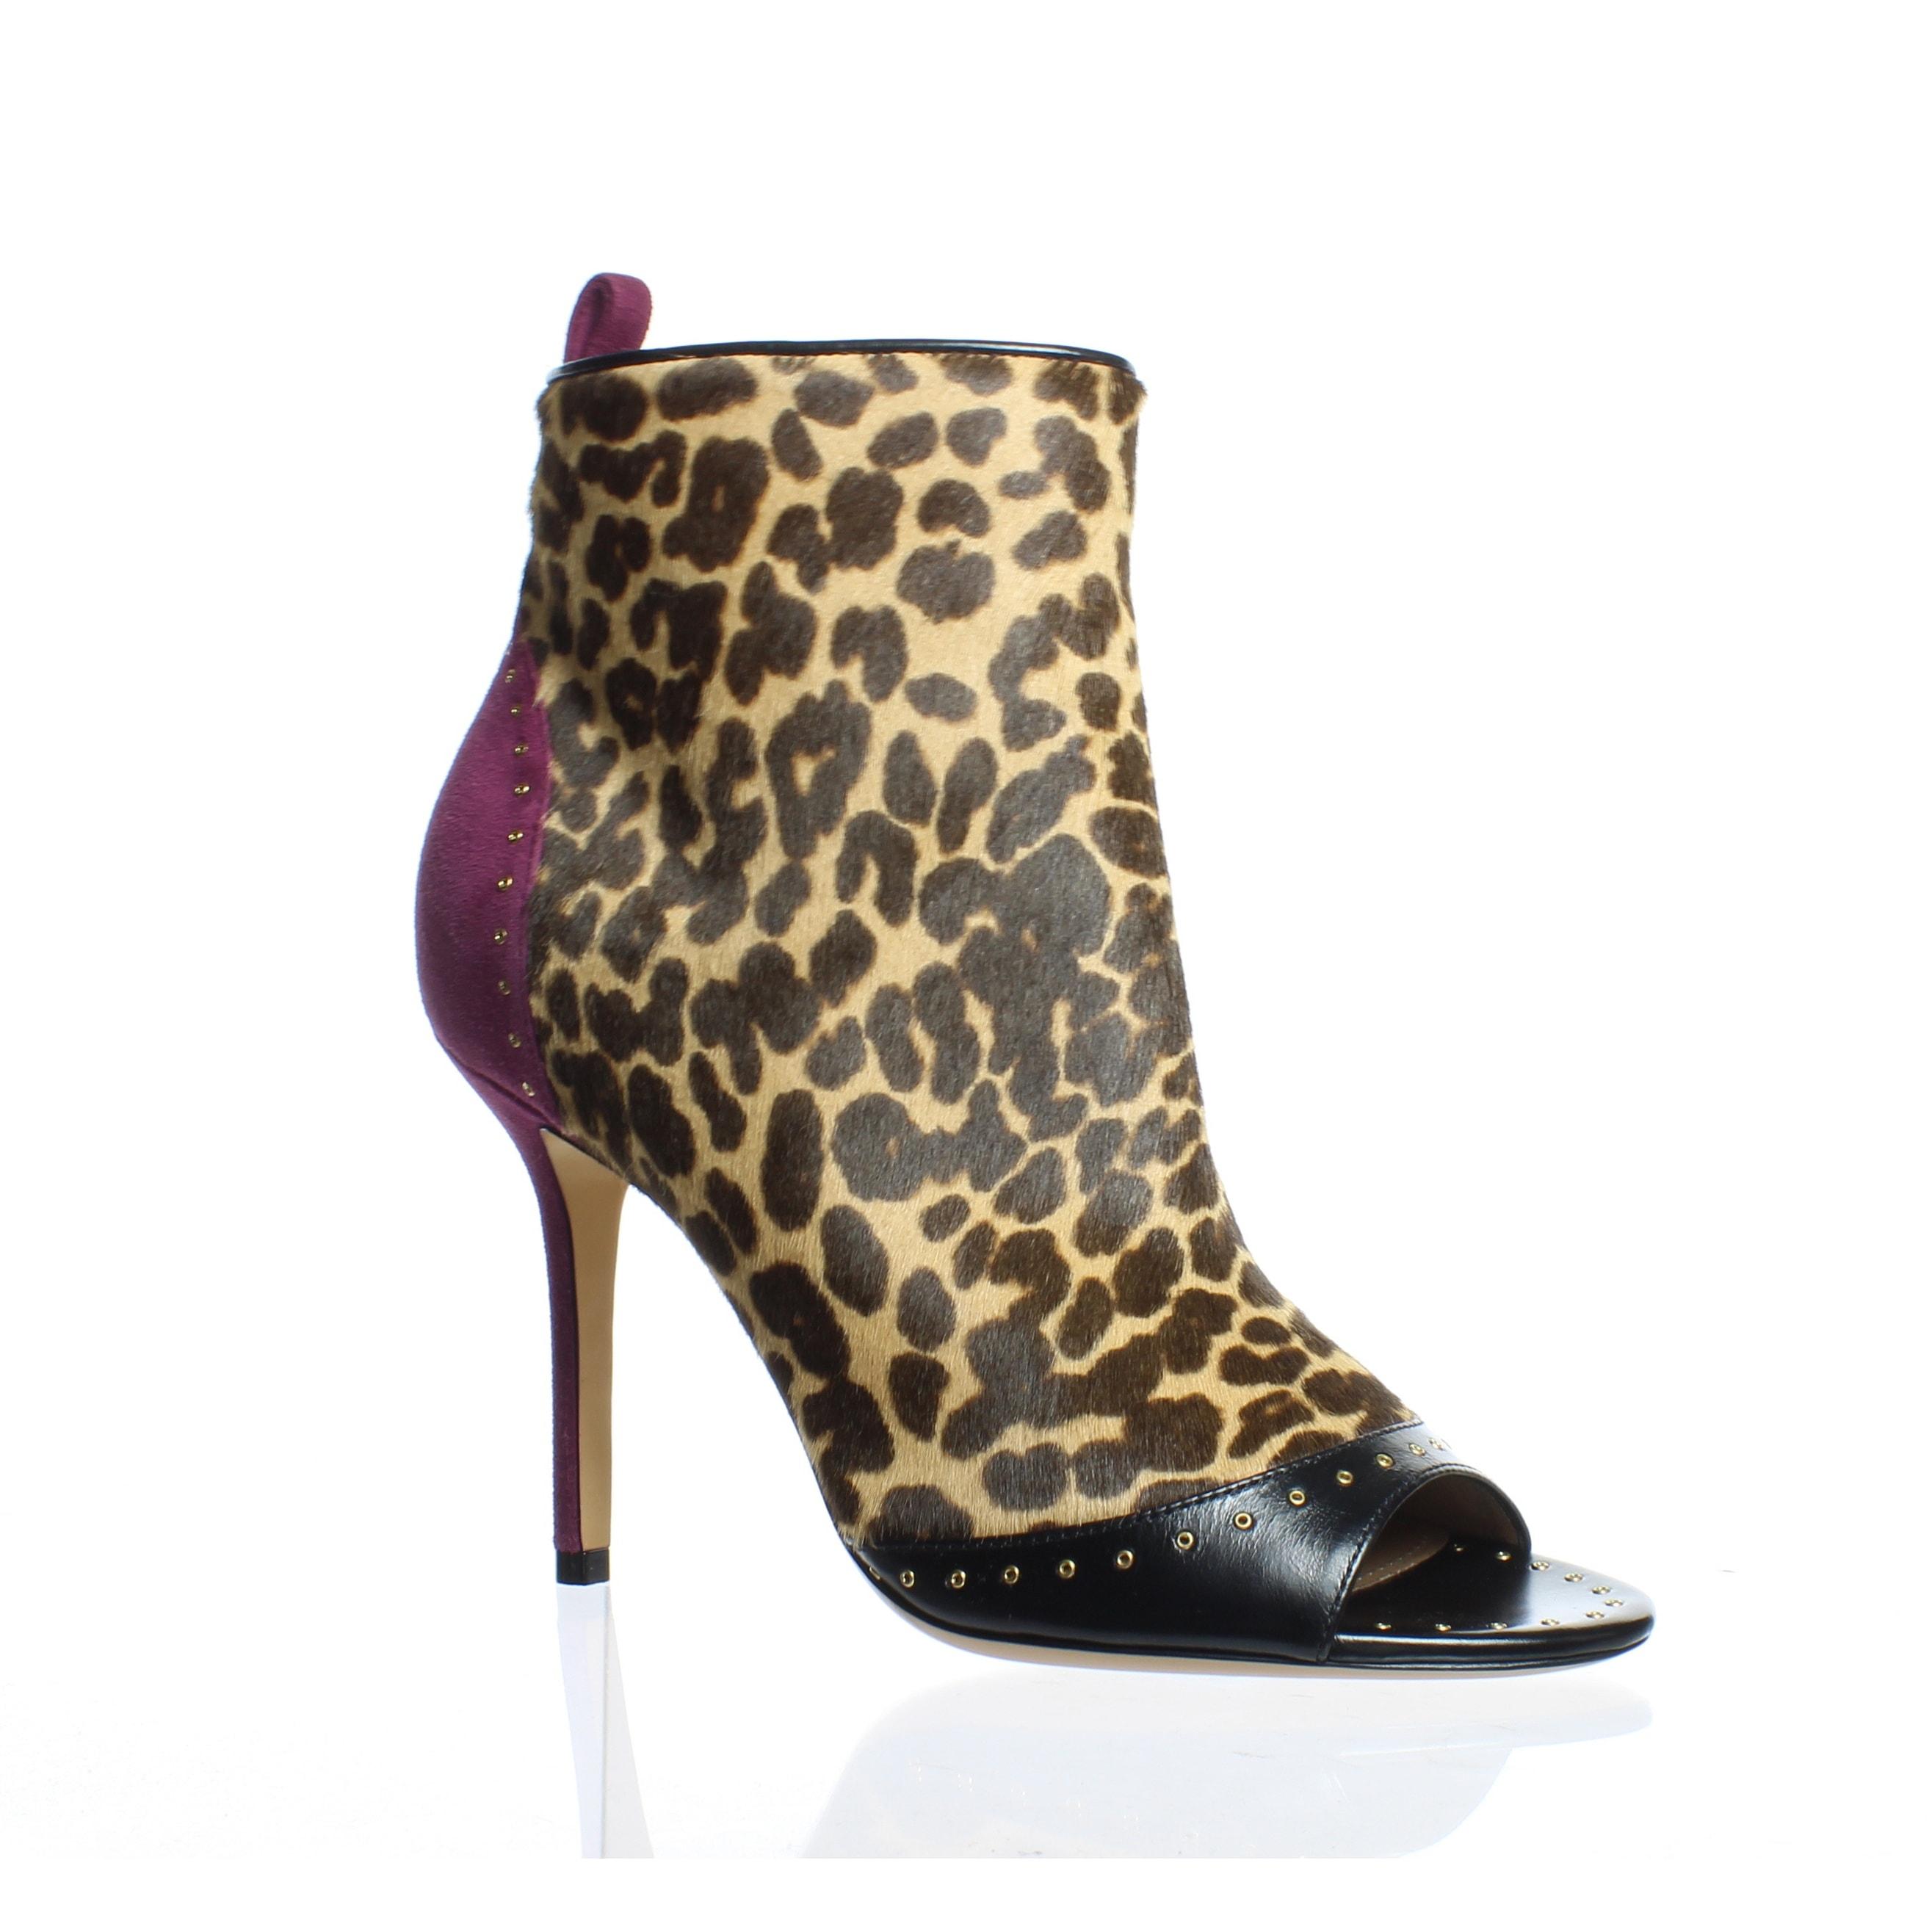 768de0fe9 Buy Salvatore Ferragamo Women's Heels Online at Overstock | Our Best  Women's Shoes Deals